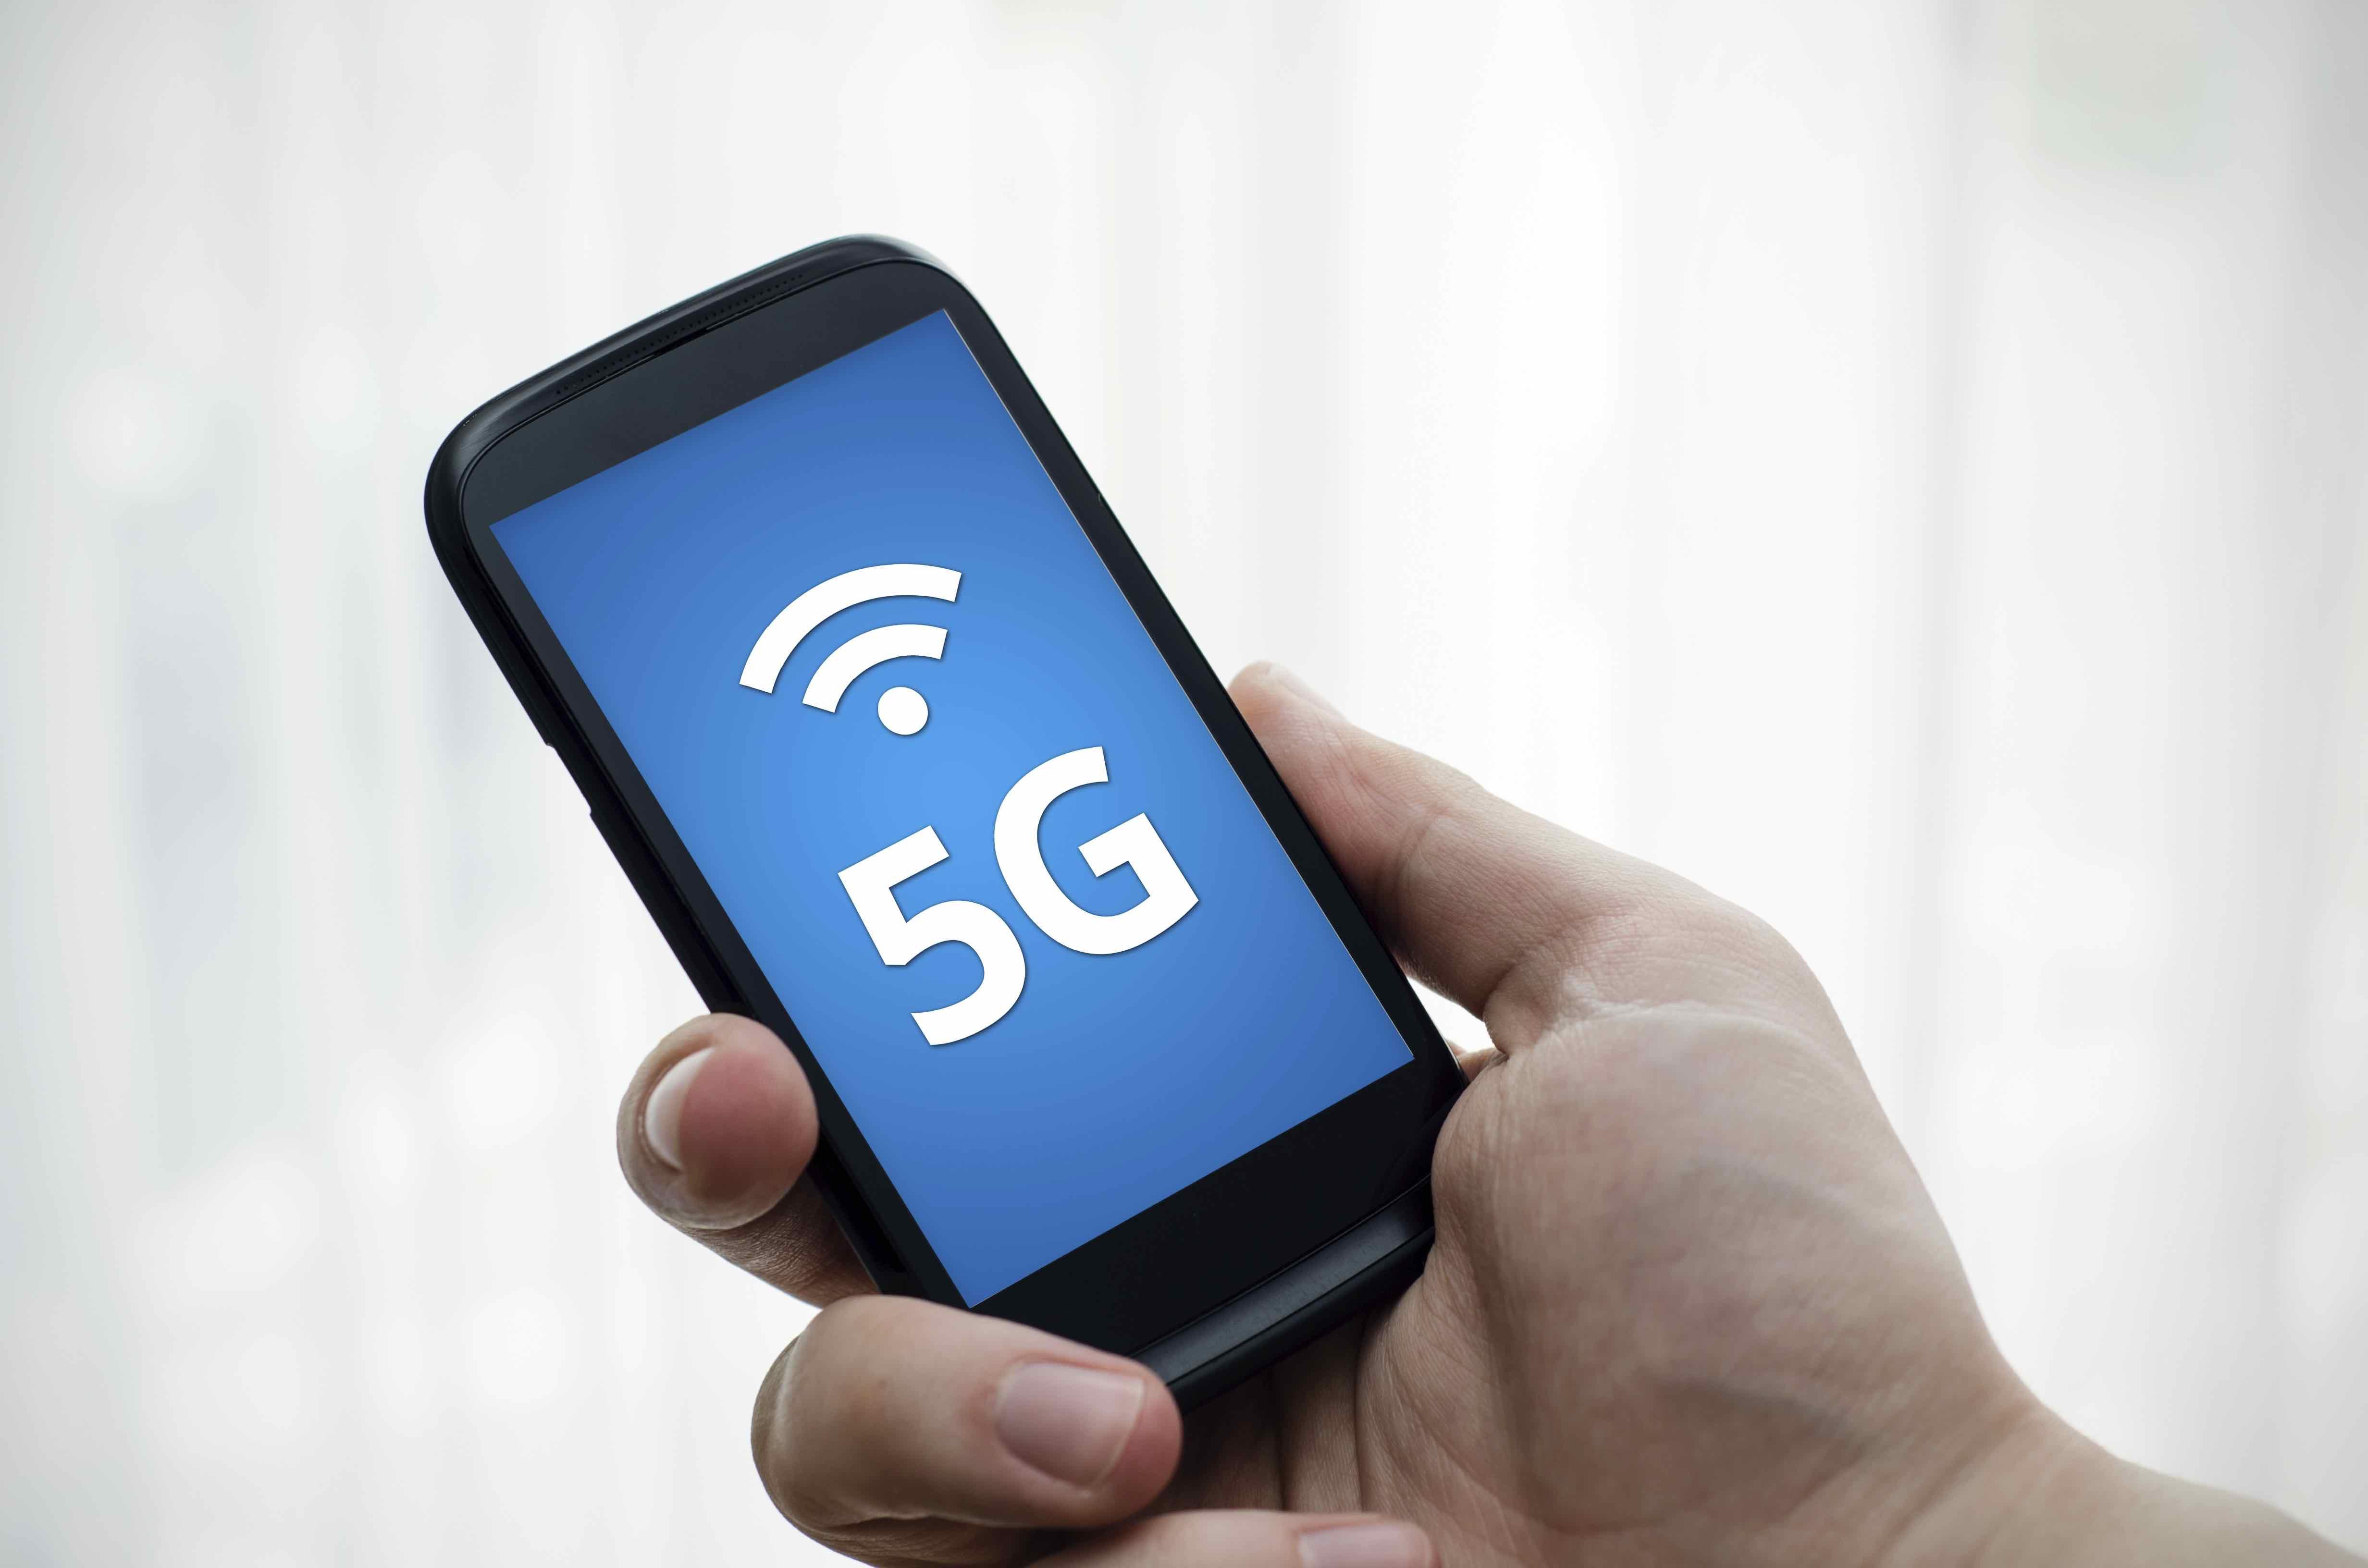 5G 4G LTE